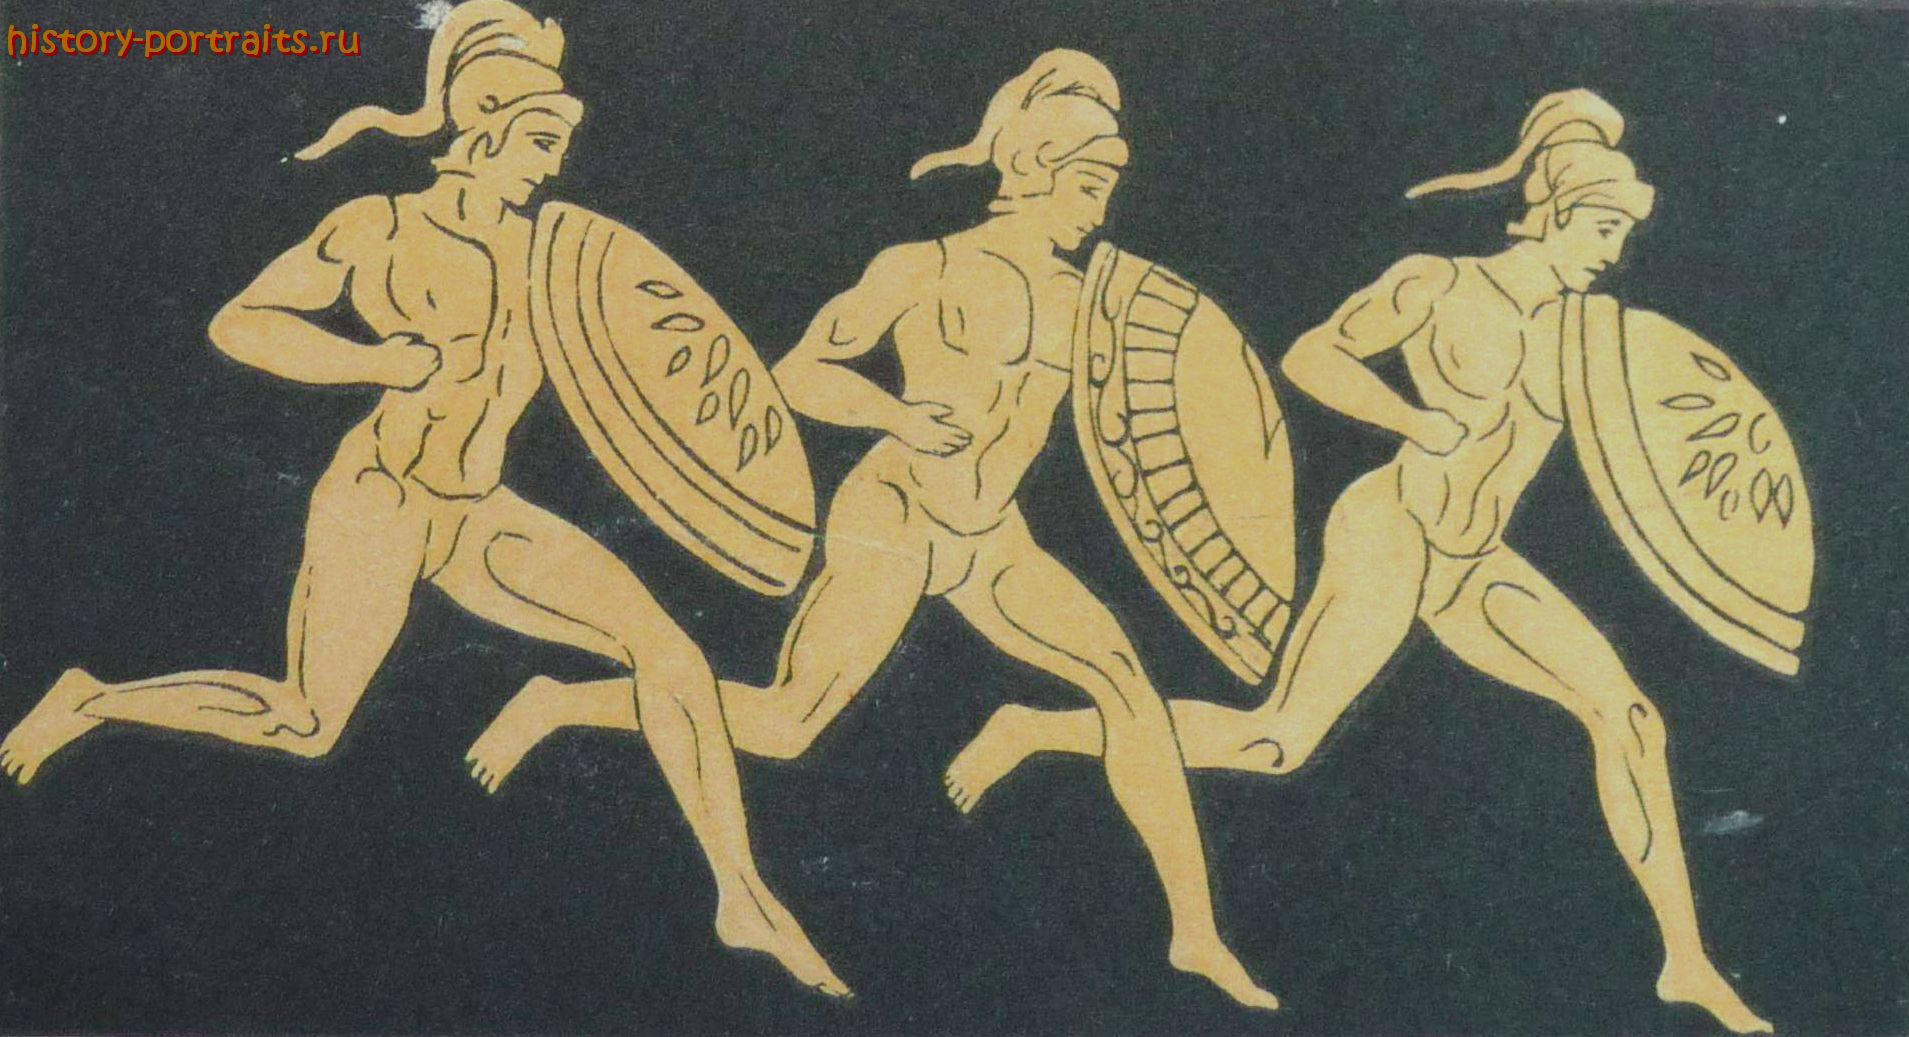 Спартанское воспитание в Древней Греции